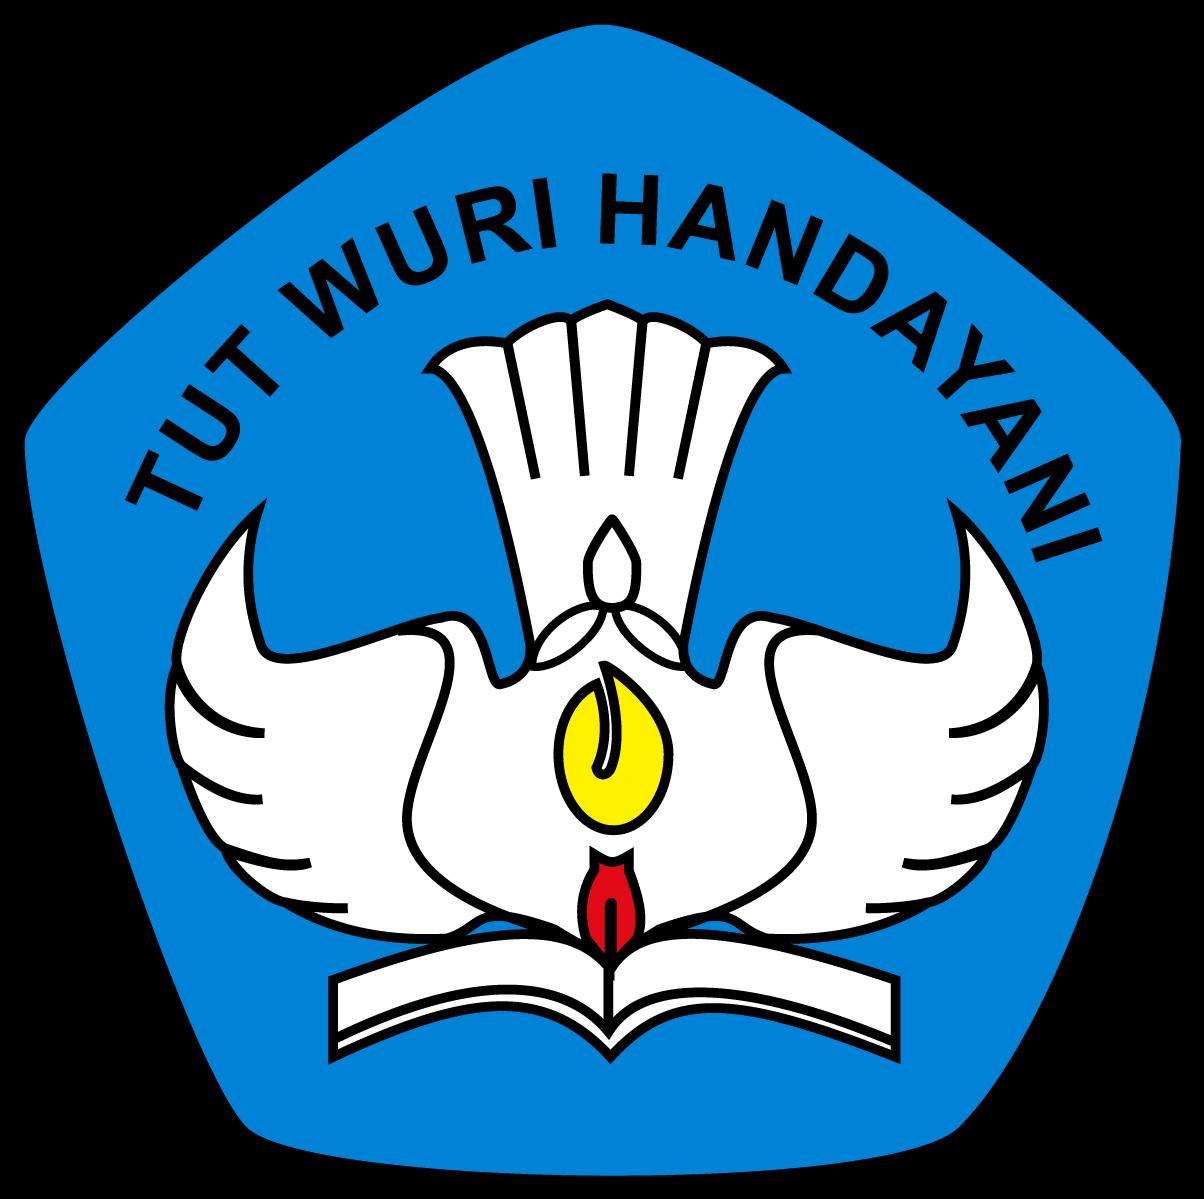 free download logo kampus universitas format png lambang tut wuri handayani clipart full size clipart 4023169 pinclipart lambang tut wuri handayani clipart